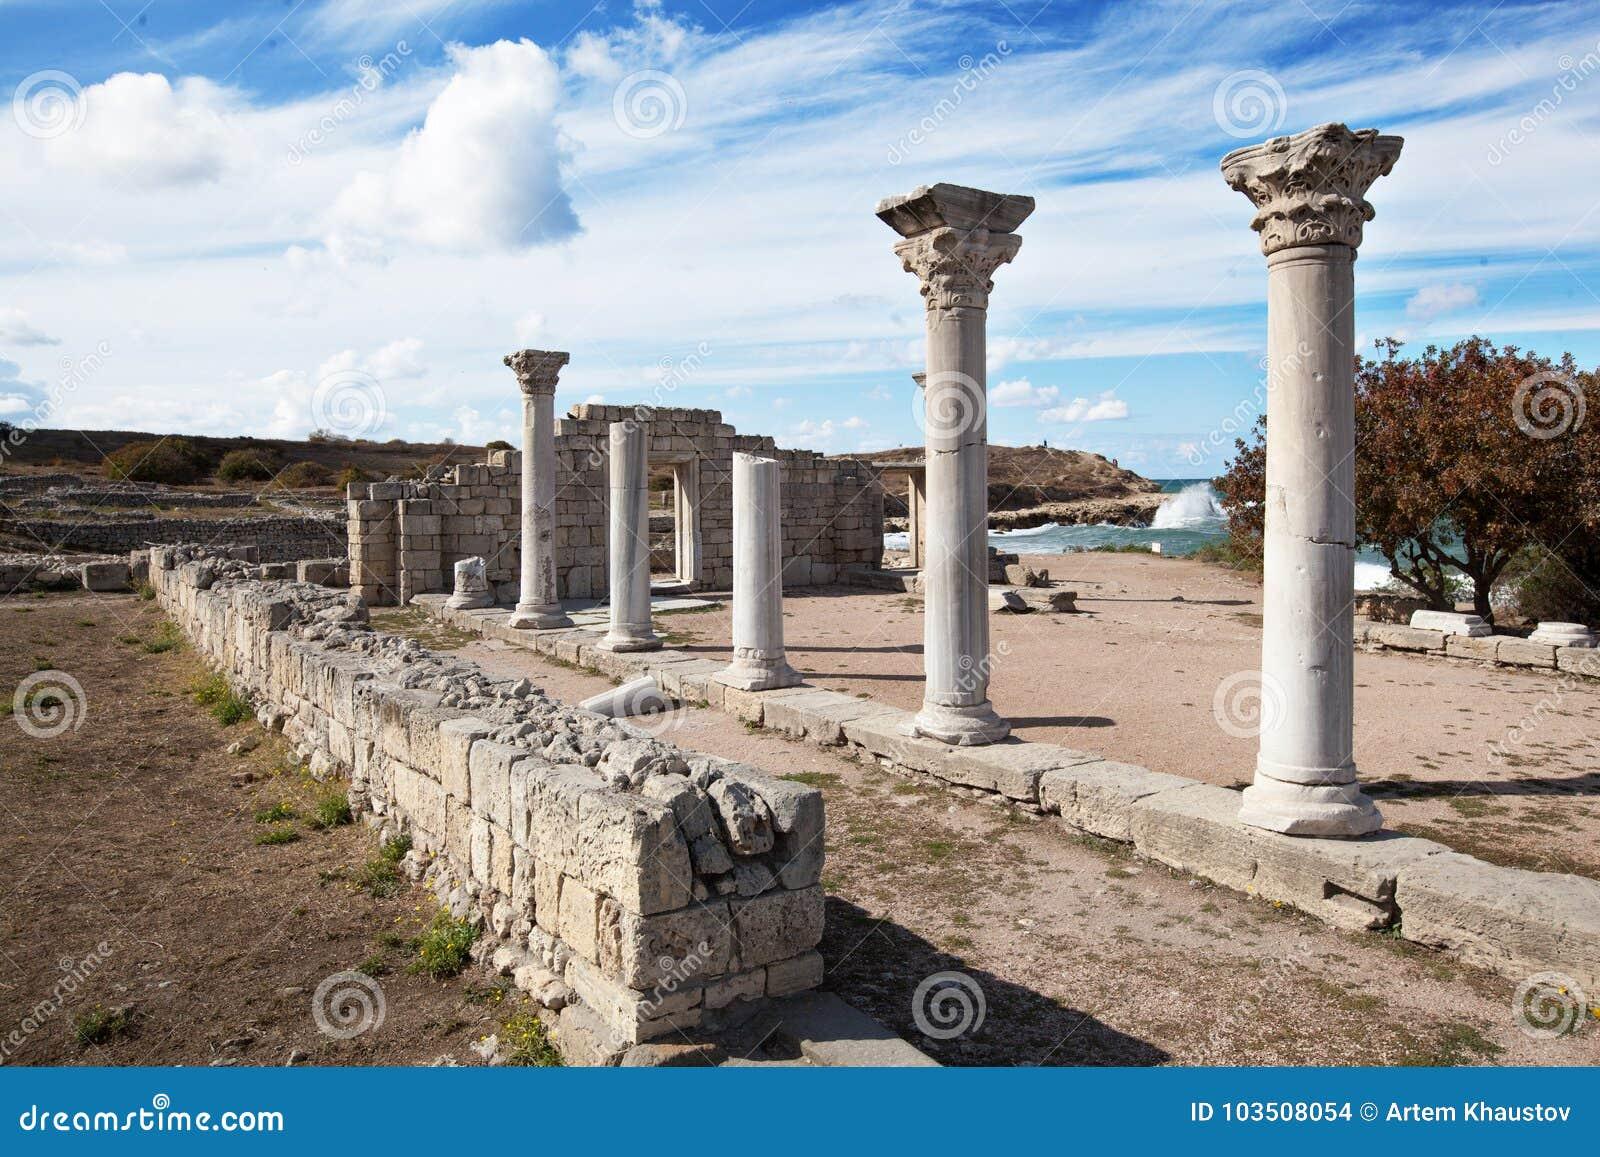 SEWASTOPOL, KRIM - OKTOBER, 07 2017: Historische und archäologische Museum-Reserve Chersonese Taurian